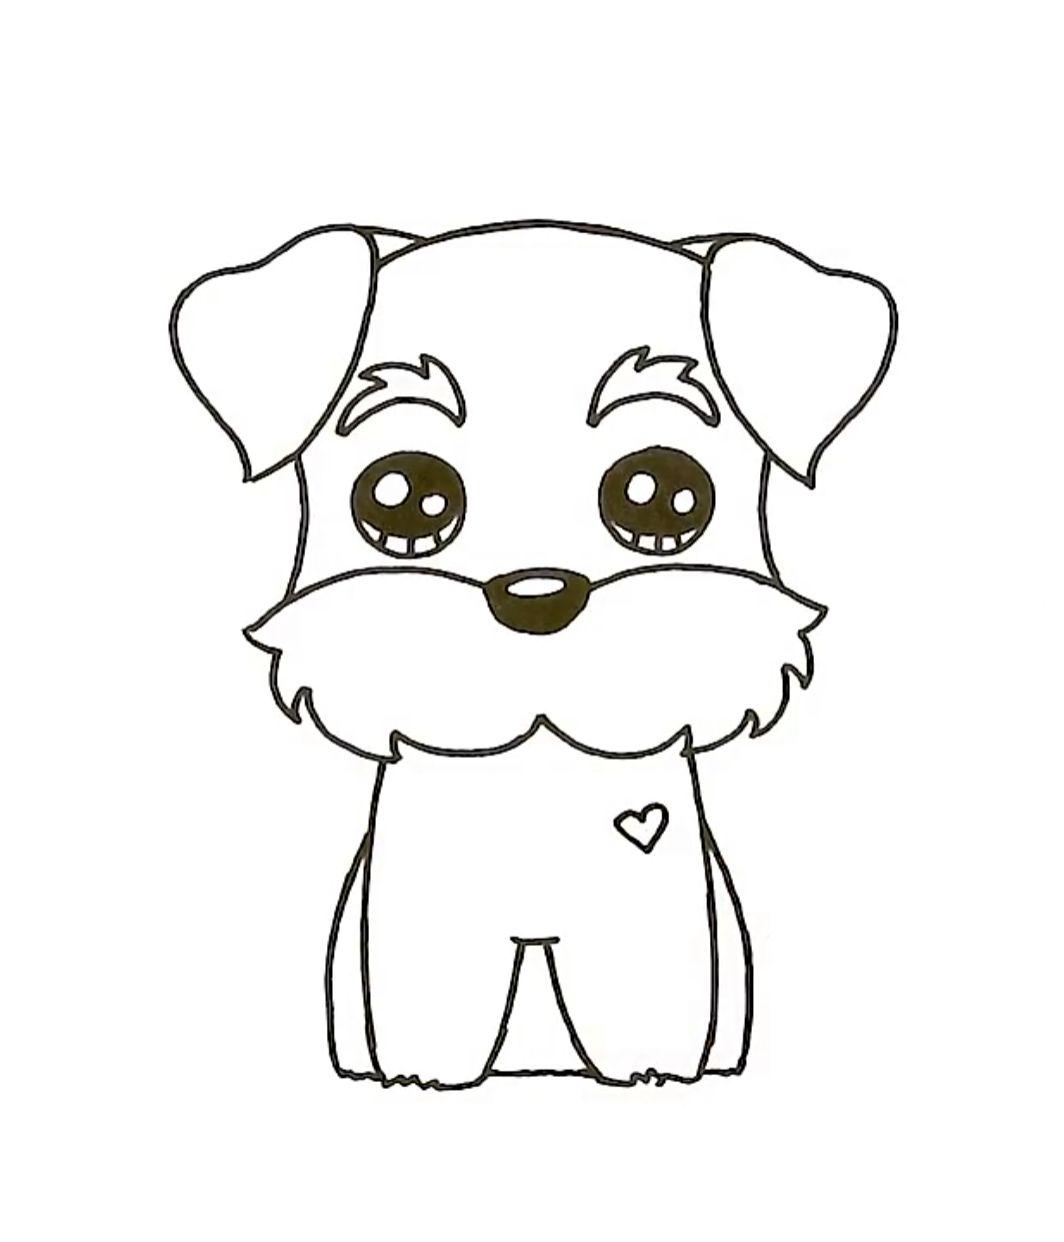 Kawaii Dibujos De Perros Para Pintar Pin De Maria En Gigi Dibujos Kawaii Dibujos Kawaii Tiernos Dibujos